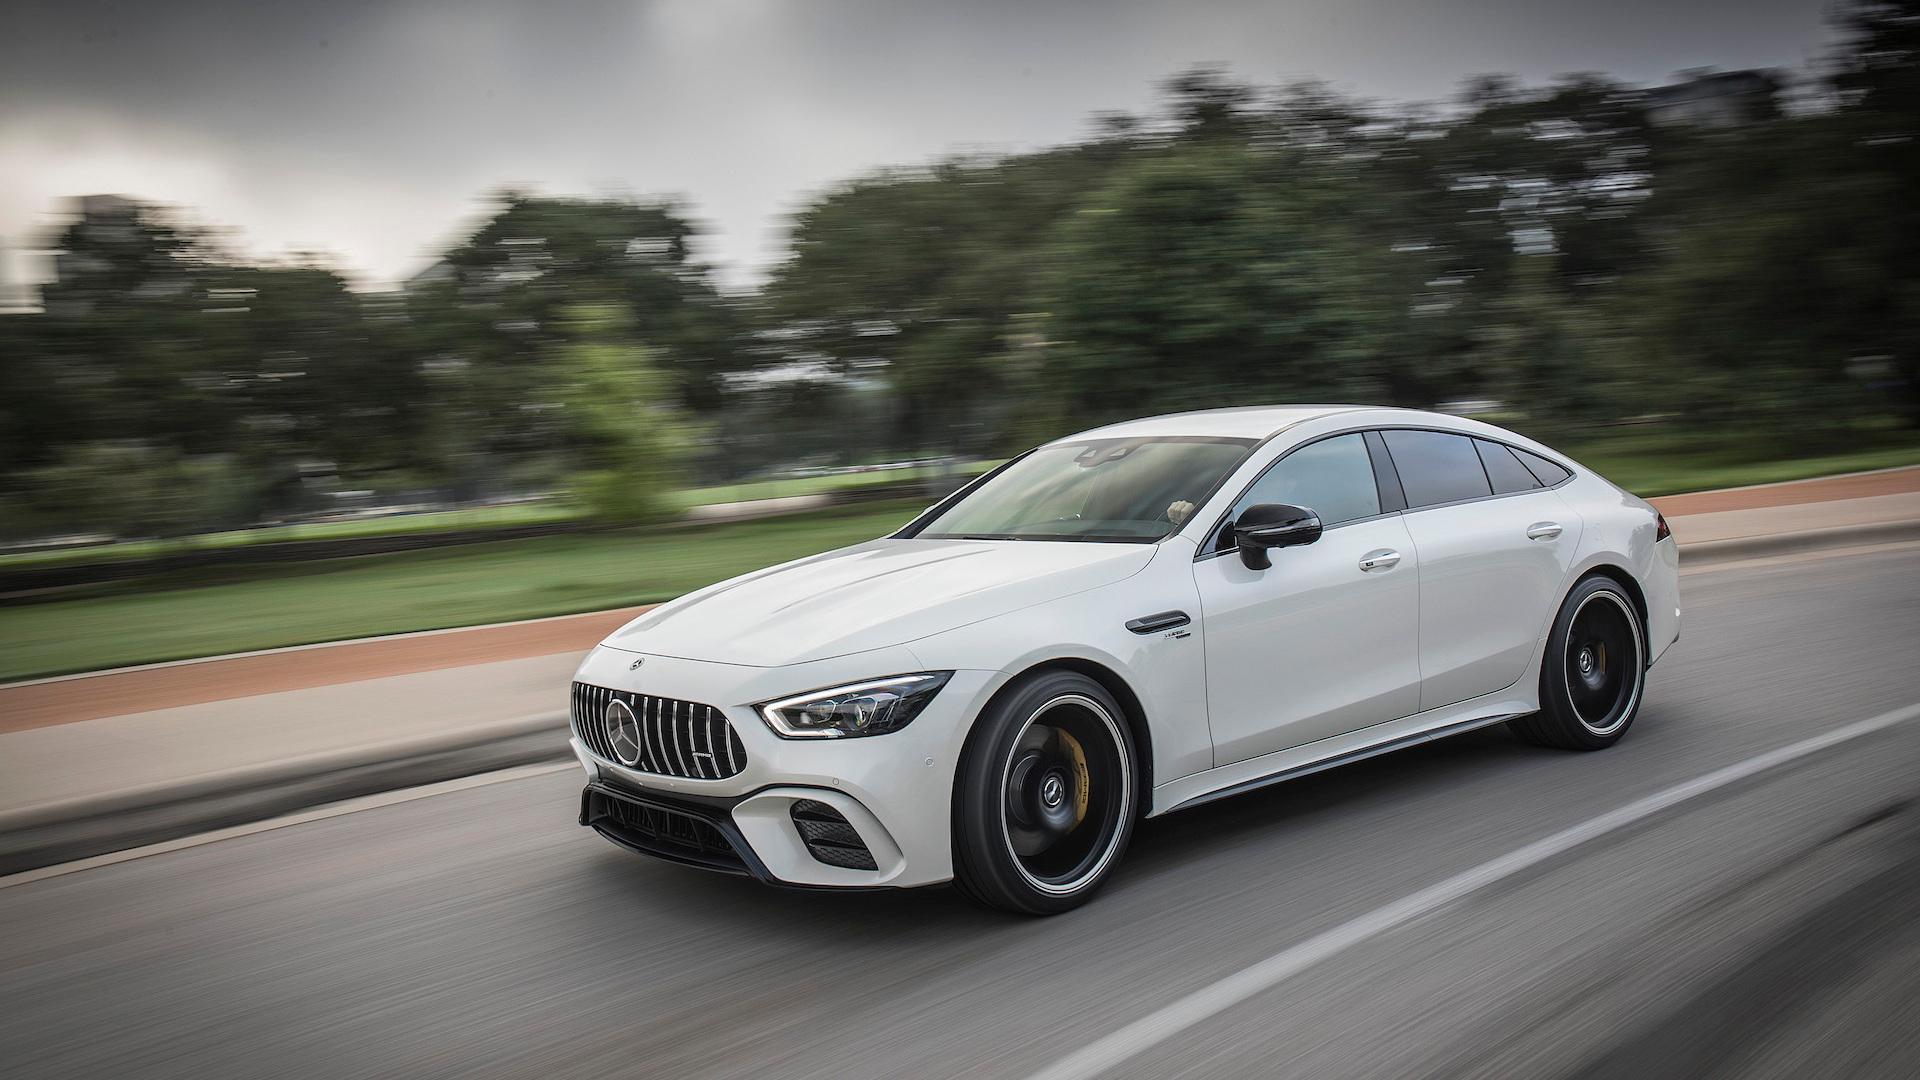 2019 Mercedes-AMG GT 53 4-Door Coupe